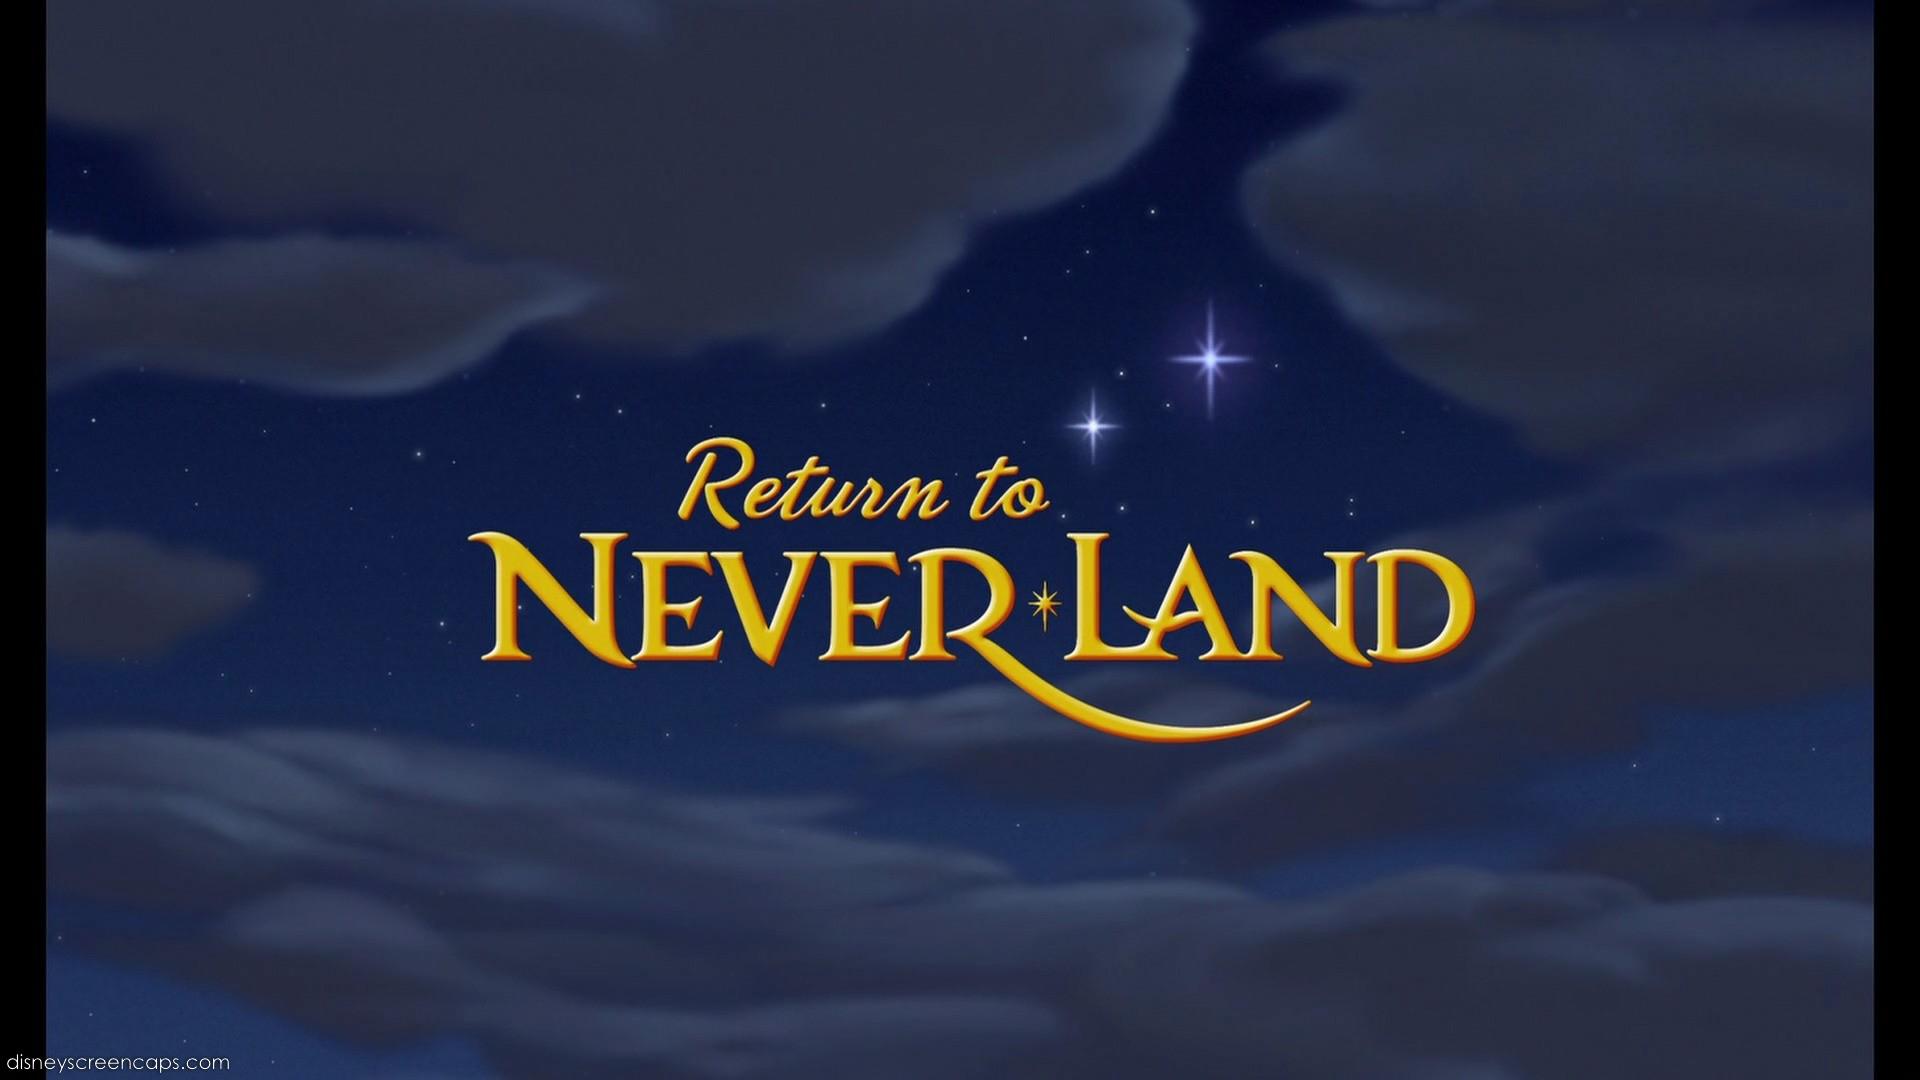 13 Disney's Peter Pan Font Images